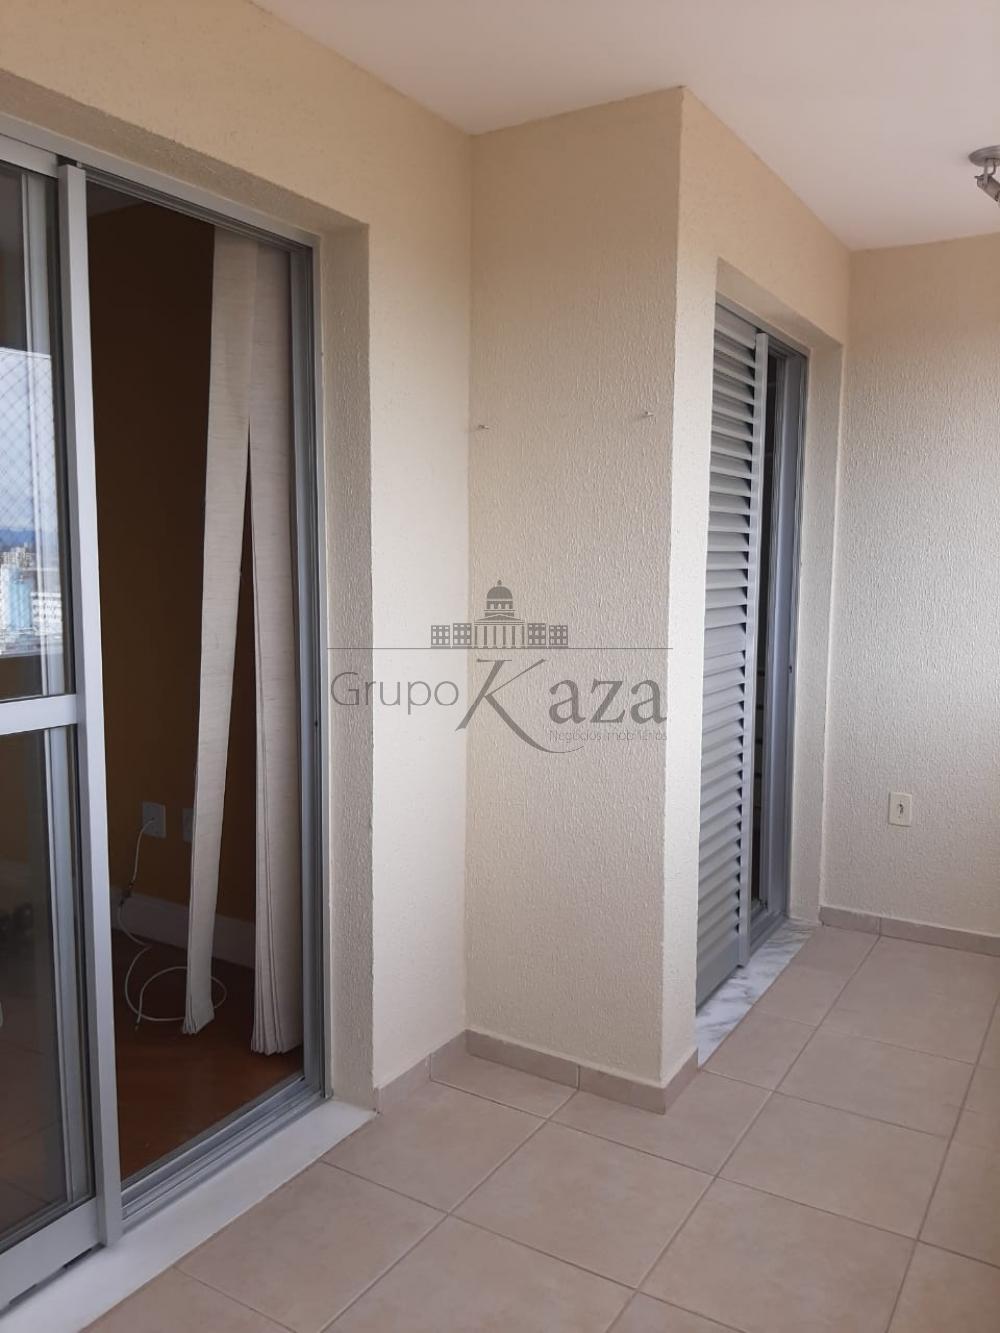 alt='Comprar Apartamento / Padrão em São José dos Campos R$ 380.000,00 - Foto 5' title='Comprar Apartamento / Padrão em São José dos Campos R$ 380.000,00 - Foto 5'